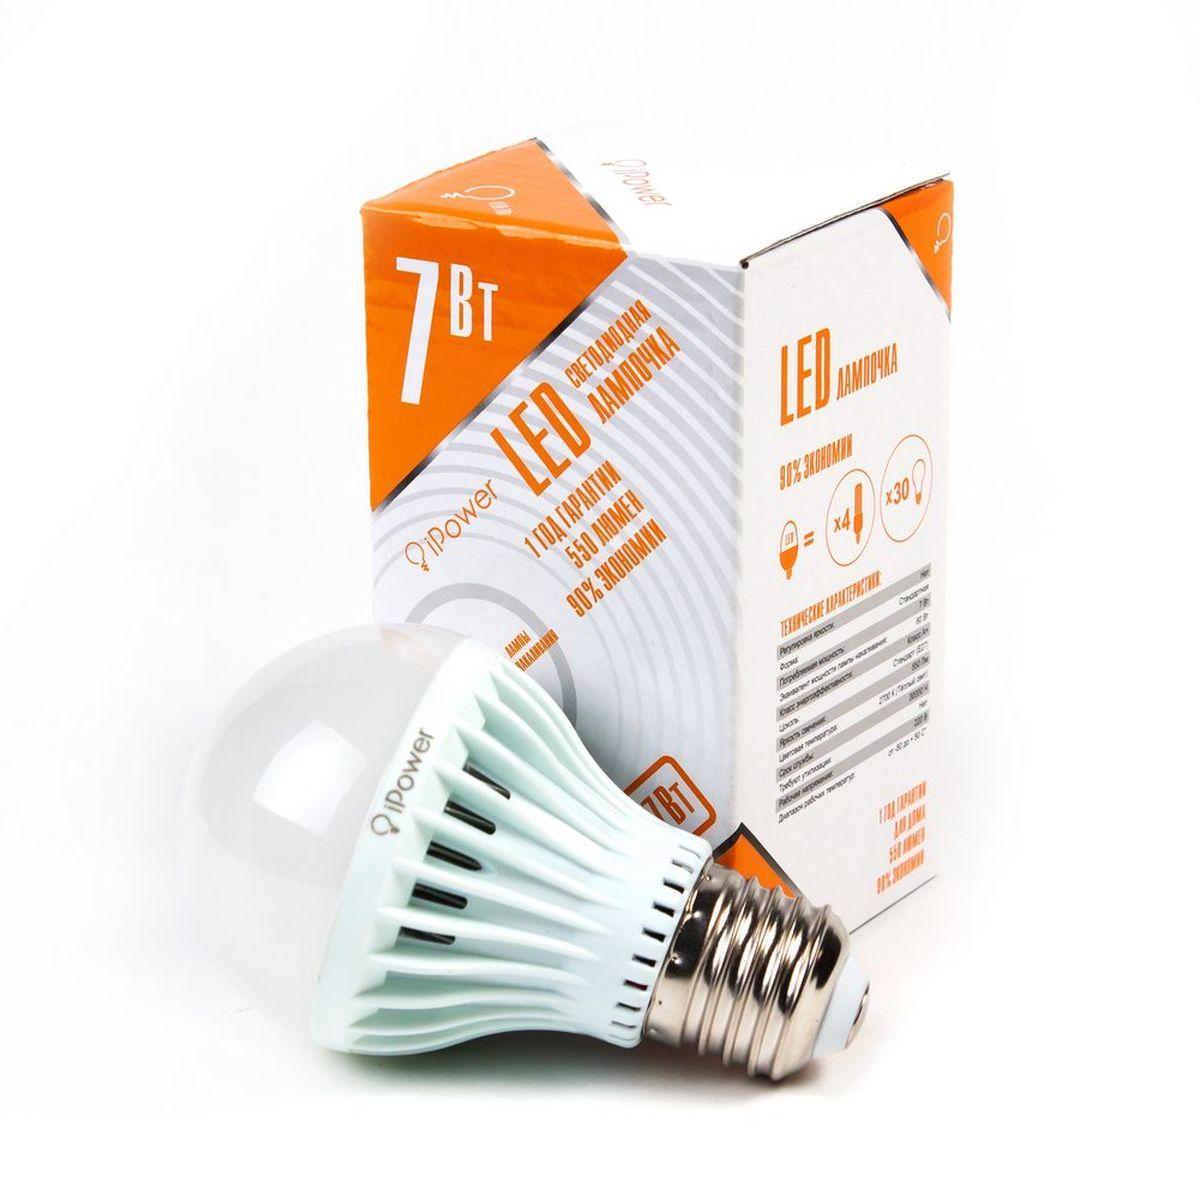 Лампа светодиодная iPower, цоколь Е27, 7W, 2700К5055945518177Светодиодная лампа iPower имеет очень низкое энергопотребление. В сравнении с лампами накаливания LED потребляет в 12 разменьше электричества, а в сравнении с энергосберегающими - в 2-4 раза меньше. При этом срок службы LED лампочки в 5 раз выше, чемэнергосберегающей, и в 50 раз выше, чем у лампы накаливания. Светодиодная лампа iPower создает мягкий рассеивающий свет безмерцаний, что совершенно безопасно для глаз. Она специально разработана по требованиям российских и европейских законов и подходит ковсем осветительным устройствам, совместимым со стандартным цоколем E27. Использование светодиодов от мирового лидера Epistar - этозалог надежной и стабильной работы лампы. Теплый оттенок света лампы по световой температуресоответствует обычной лампе накаливания ипозволит создать уют в доме и местах отдыха.Диапазон рабочих температур от -50°С до +50°С.Материал: поликарбонат.Потребляемая мощность: 7 Вт.Рабочее напряжение: 220В.Световая температура: 2700К (теплый свет).Срок службы: 30000 часов.Форма: стандарт.Цоколь: стандарт (E27).Эквивалент мощности лампы накаливания: 60 Вт.Яркость свечения: 550 Лм.